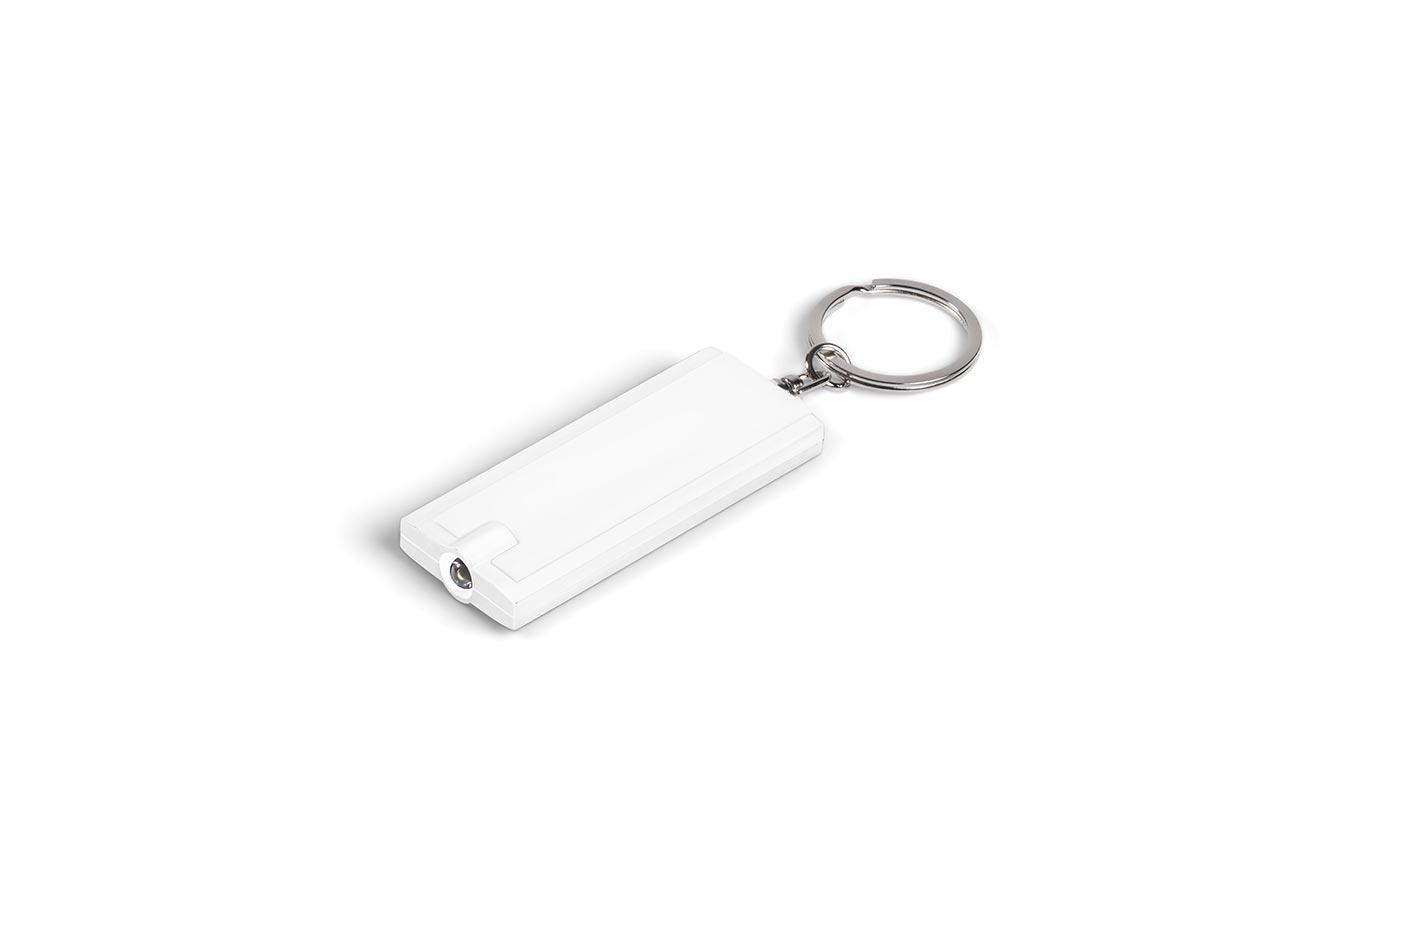 Nova Torch Keyholder